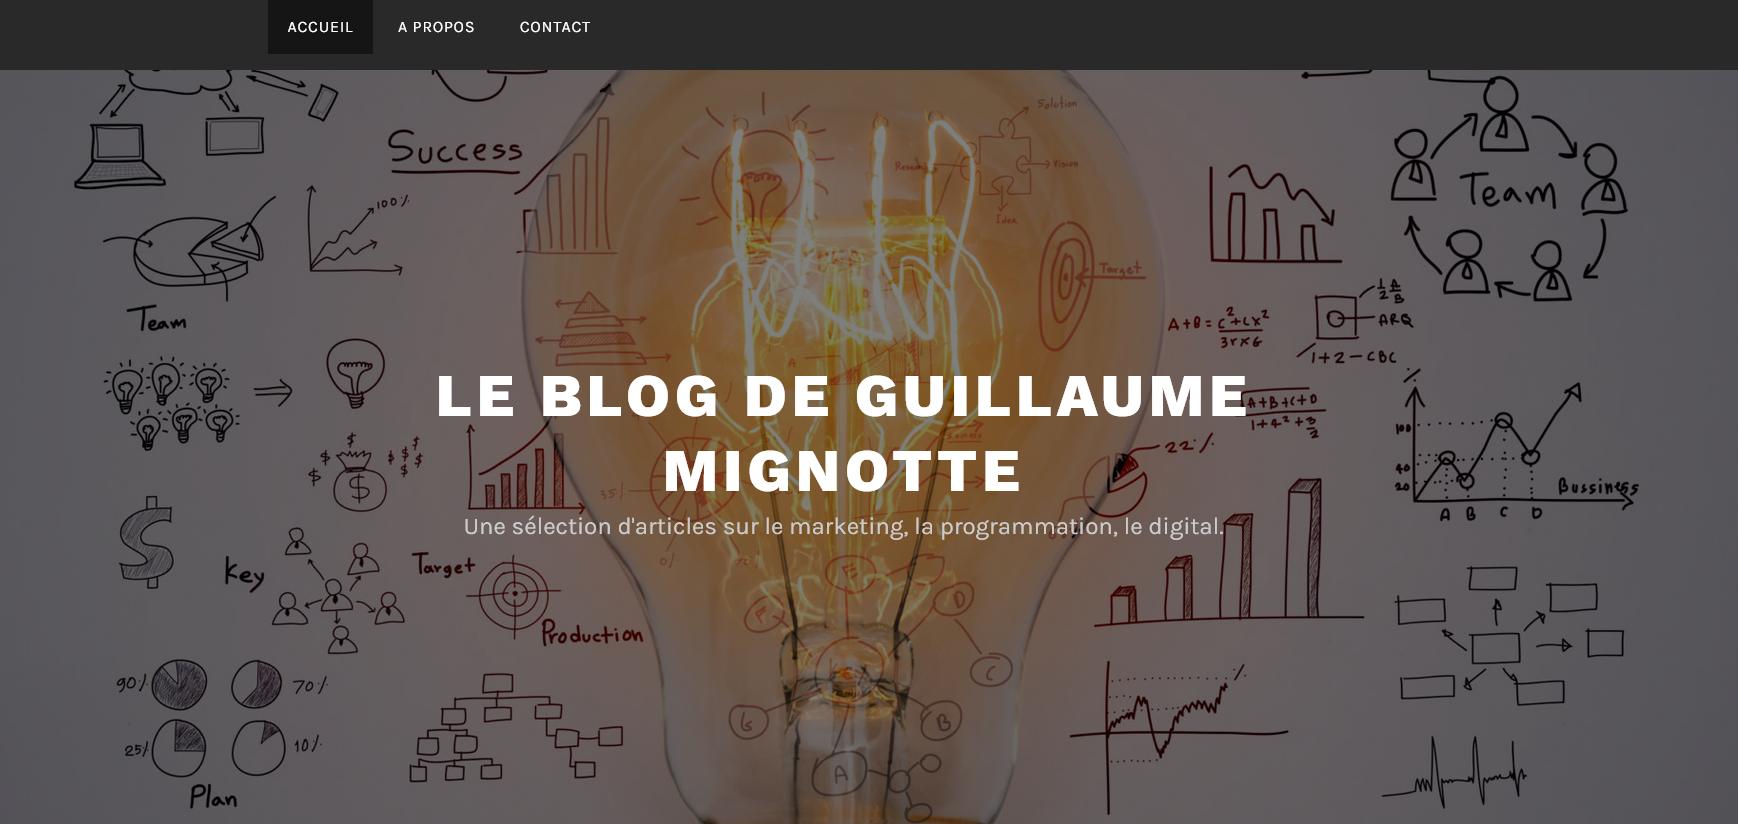 Blog gmignotte.fr